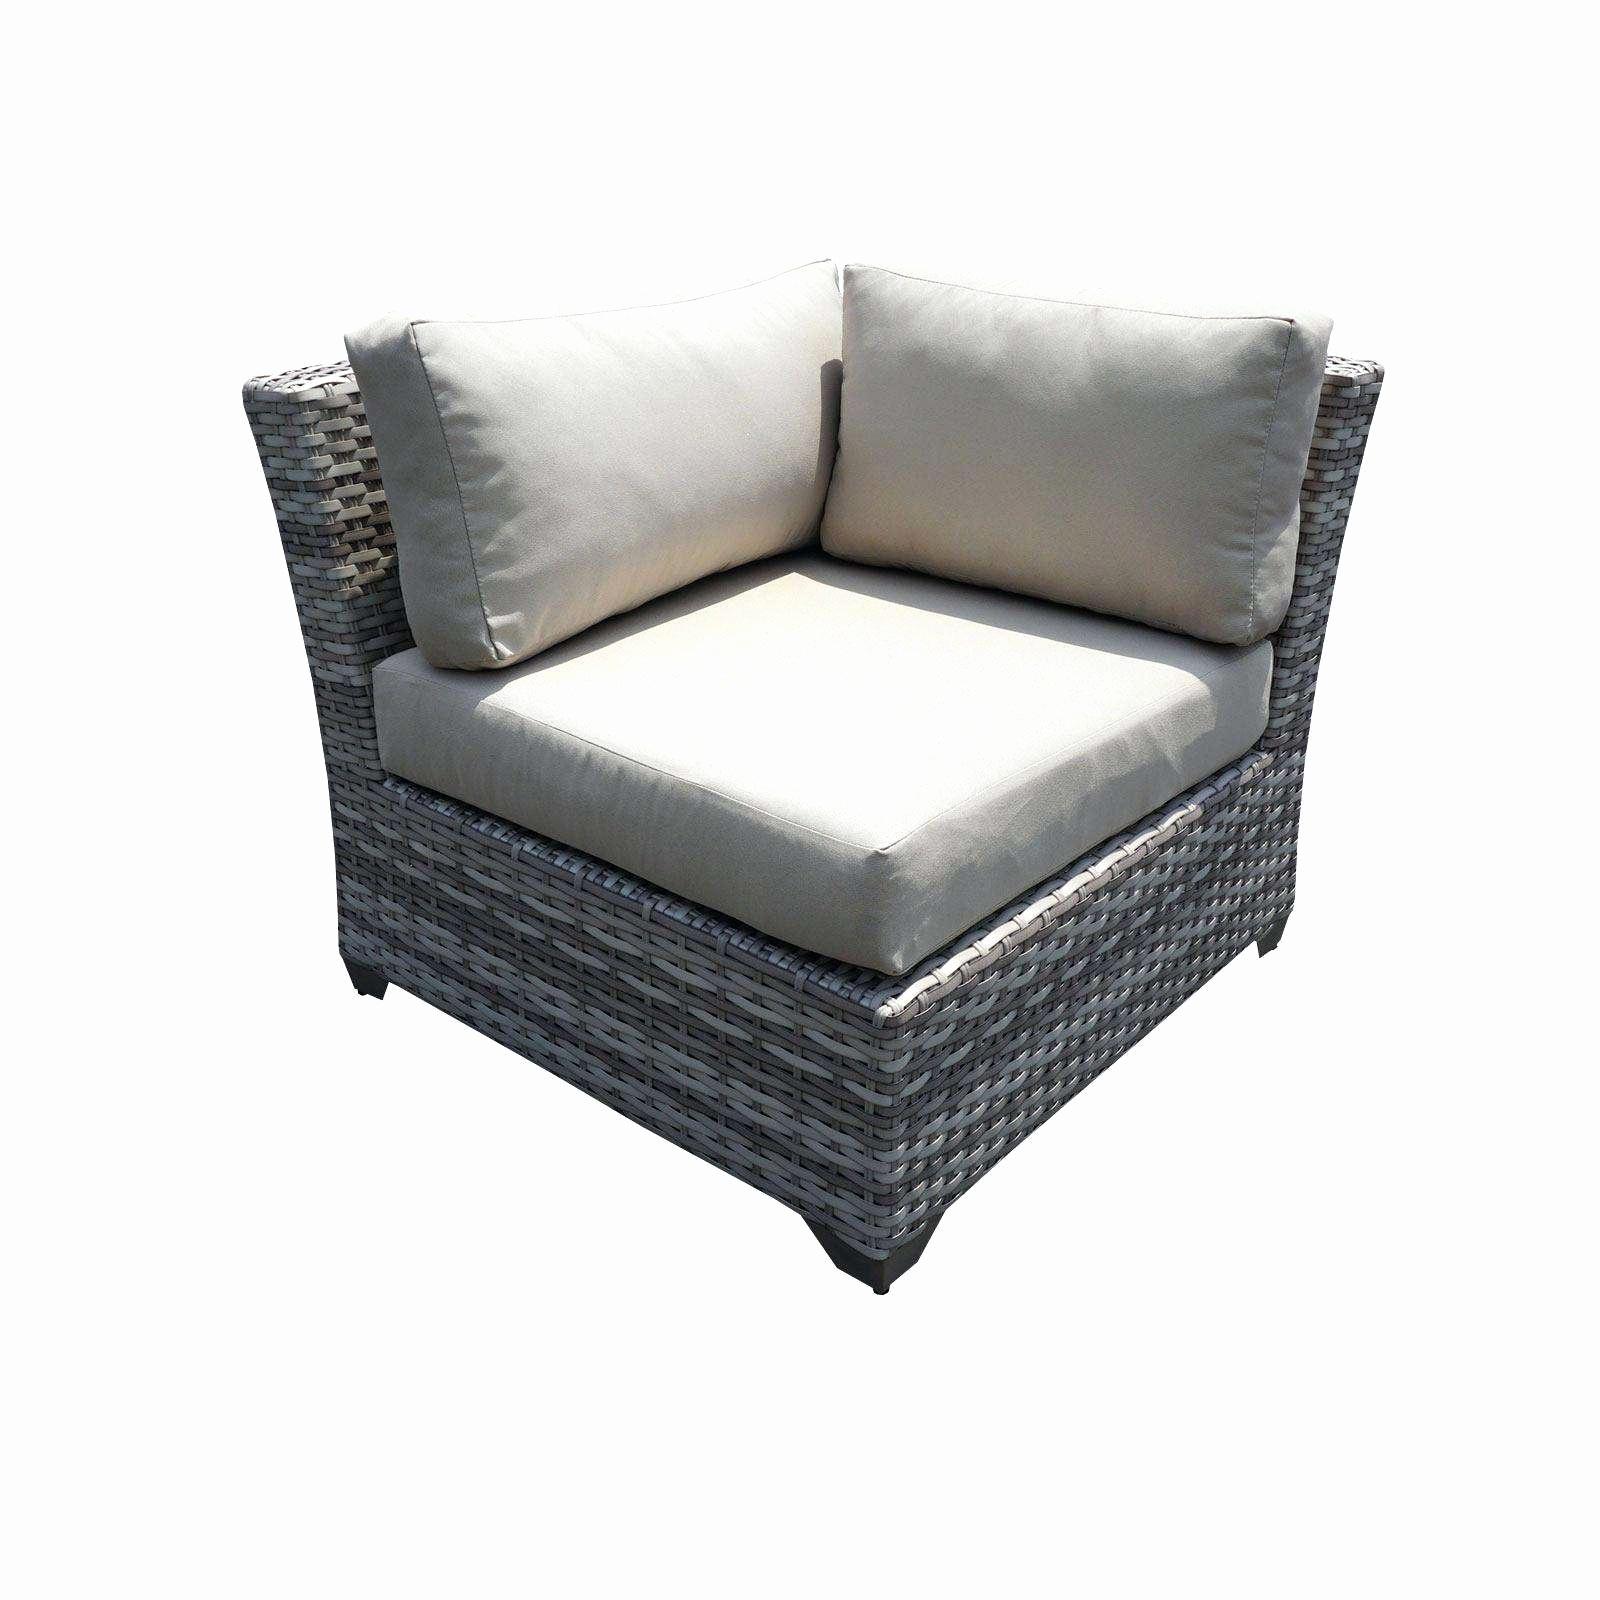 Fauteuil Relax Tissu Ikea Luxe Galerie Ikea Chaise Bureau Meilleur Fauteuil Relaxation Pour Table De